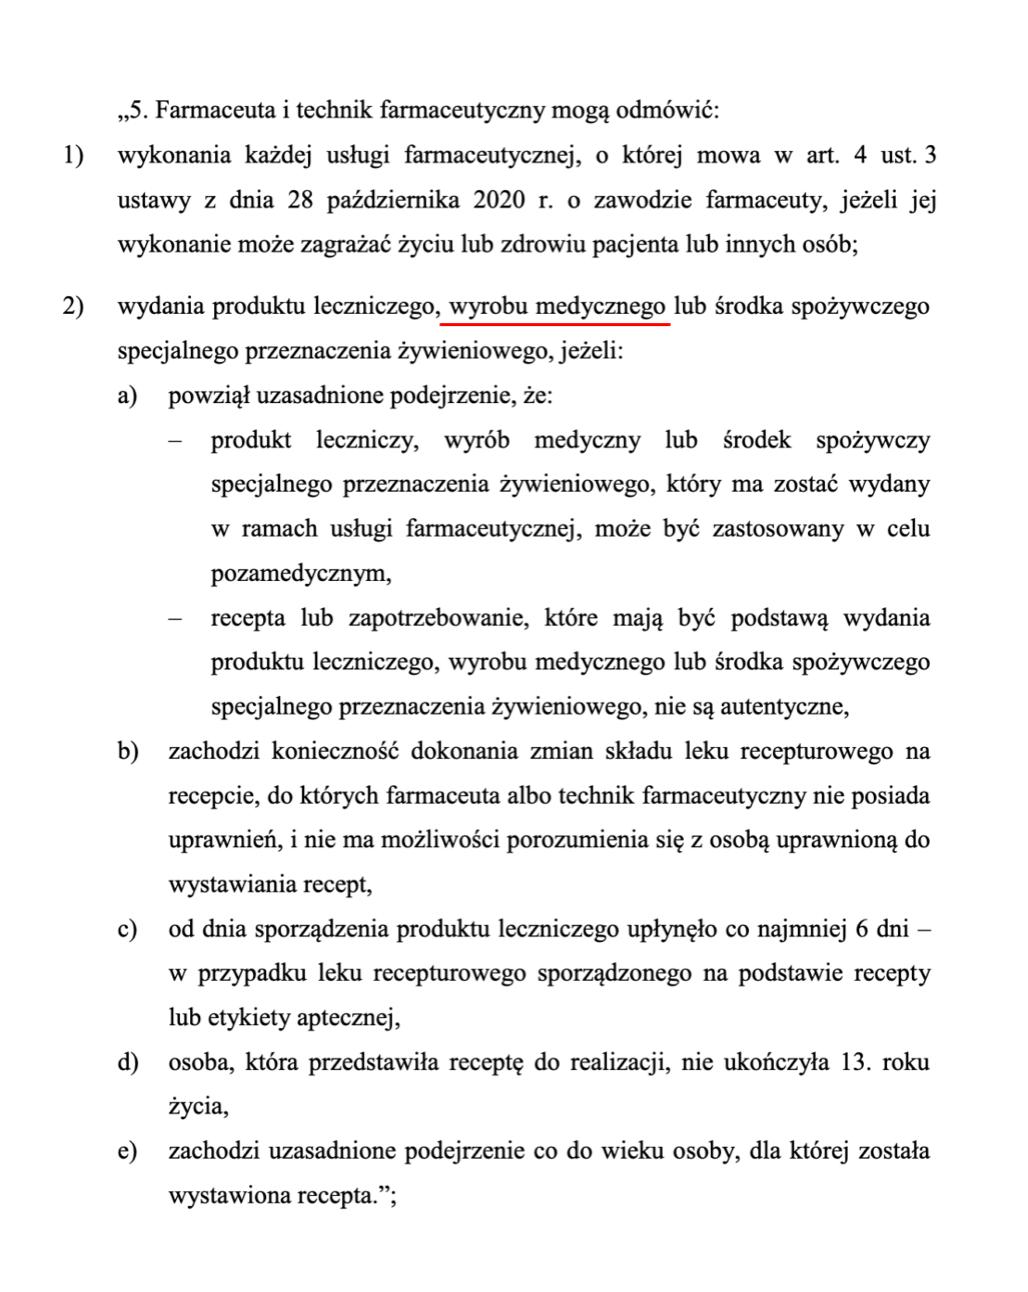 Fragment ustawy o zawodzie farmaceuty budzący kontrowersje